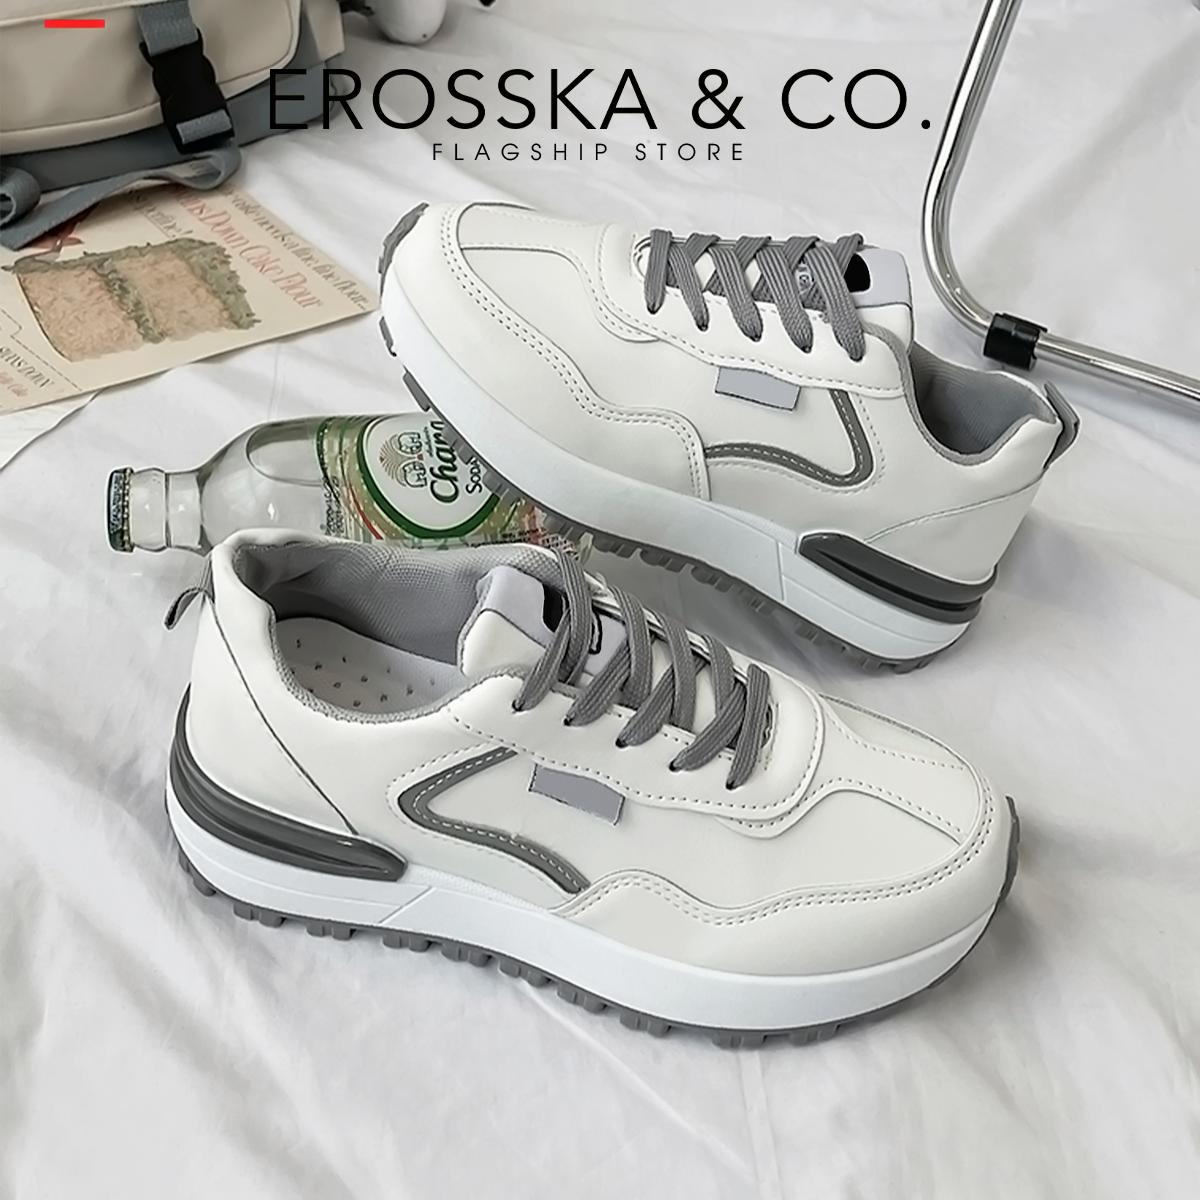 Giày thể thao nữ thời trang Erosska dáng trơn đế răng cá tính năng động ES007